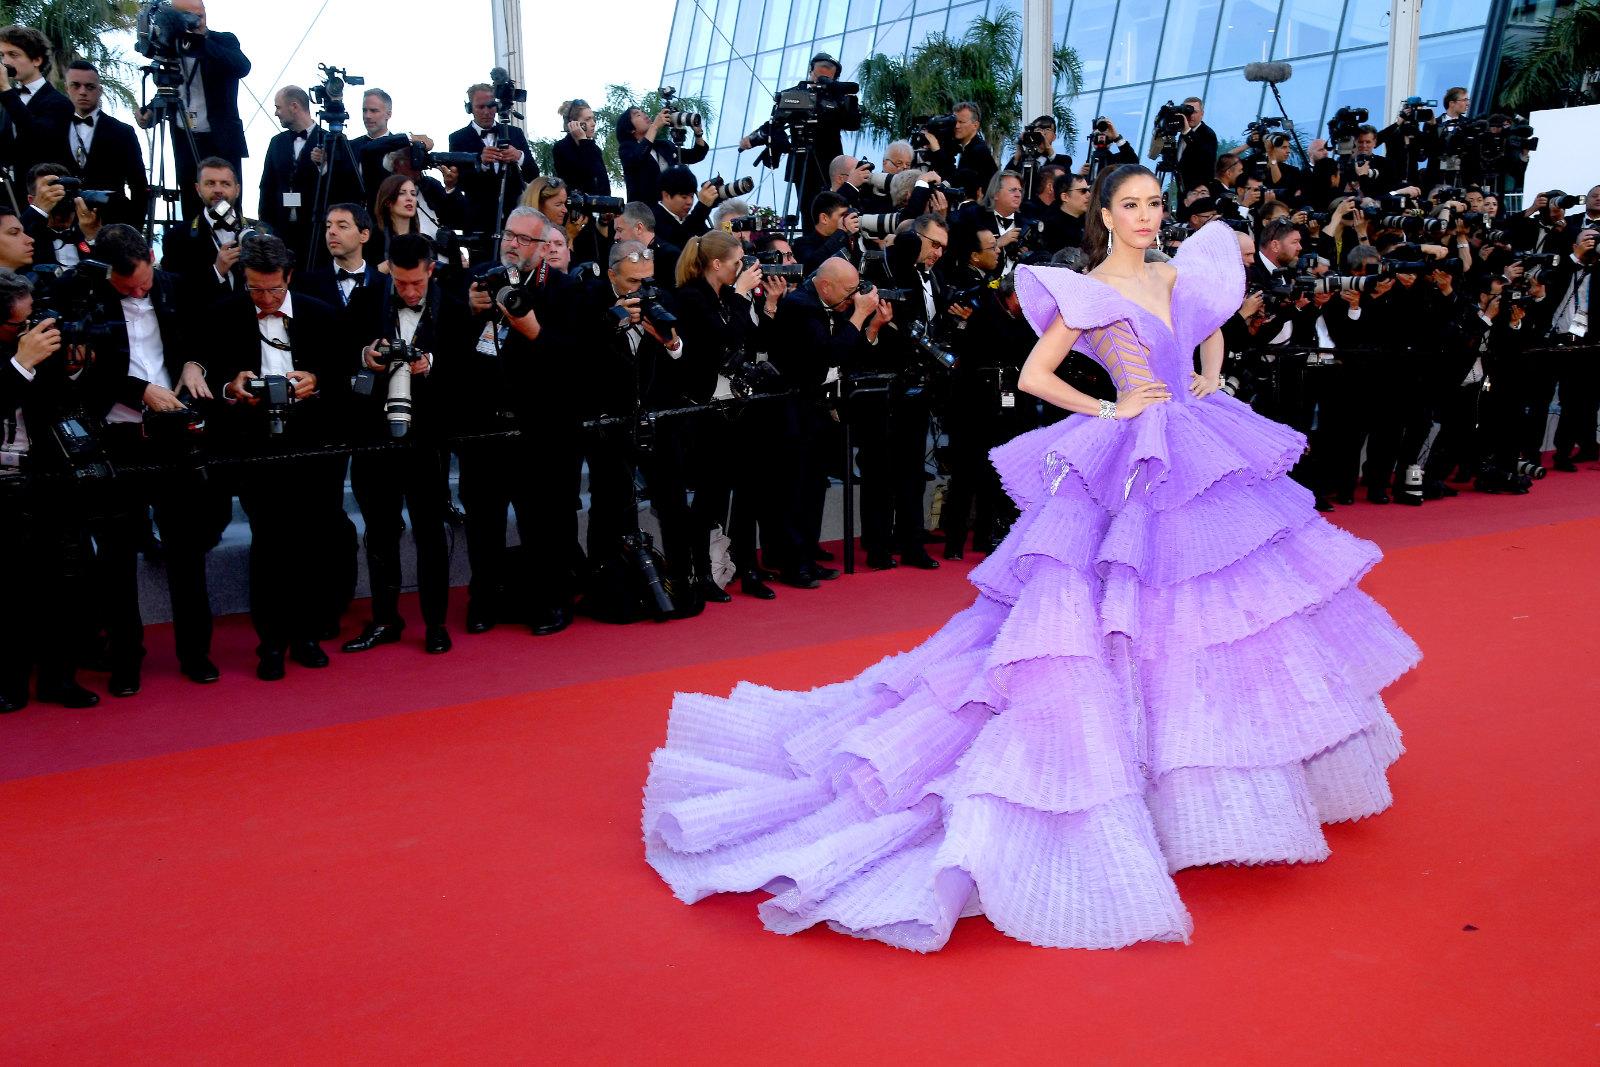 Sririta Jensen diện váy dạ hội tím xếp tầng của Michael Cinco trên thảm đỏ Cannes 2019 vào ngày công chiếu Rocketman